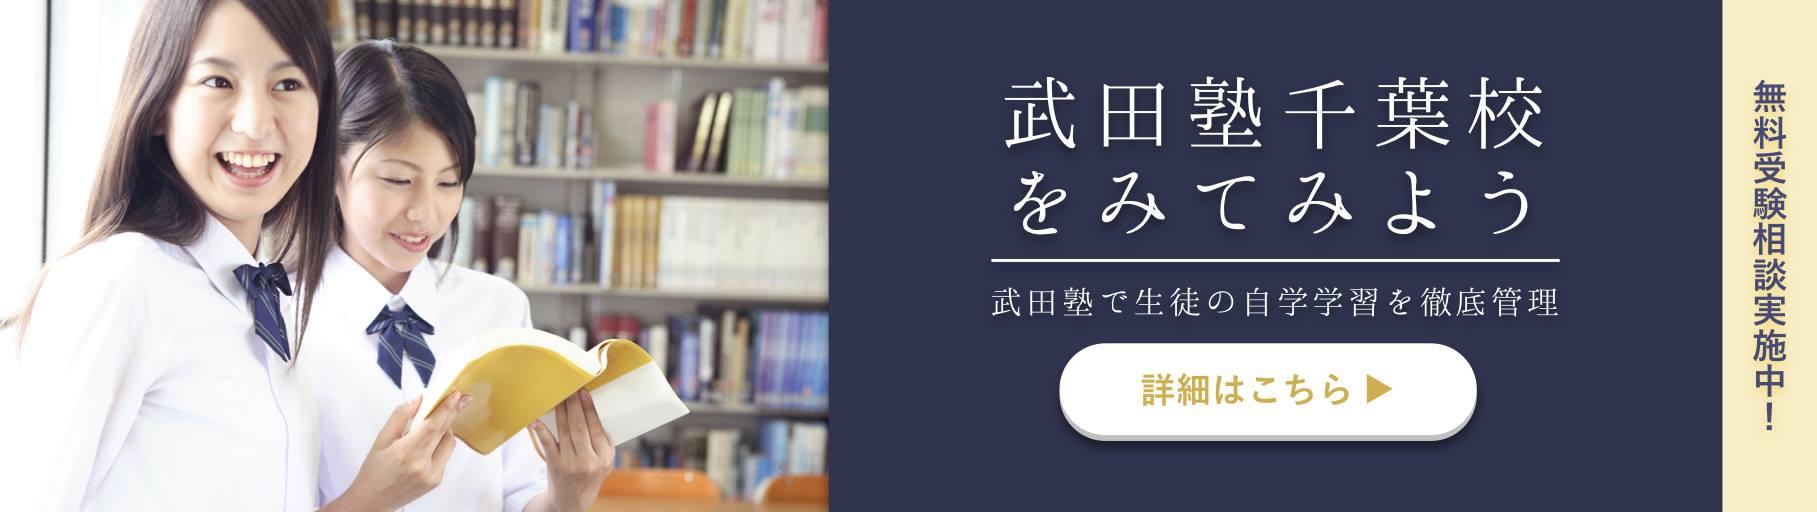 武田塾千葉校オフィシャルサイト